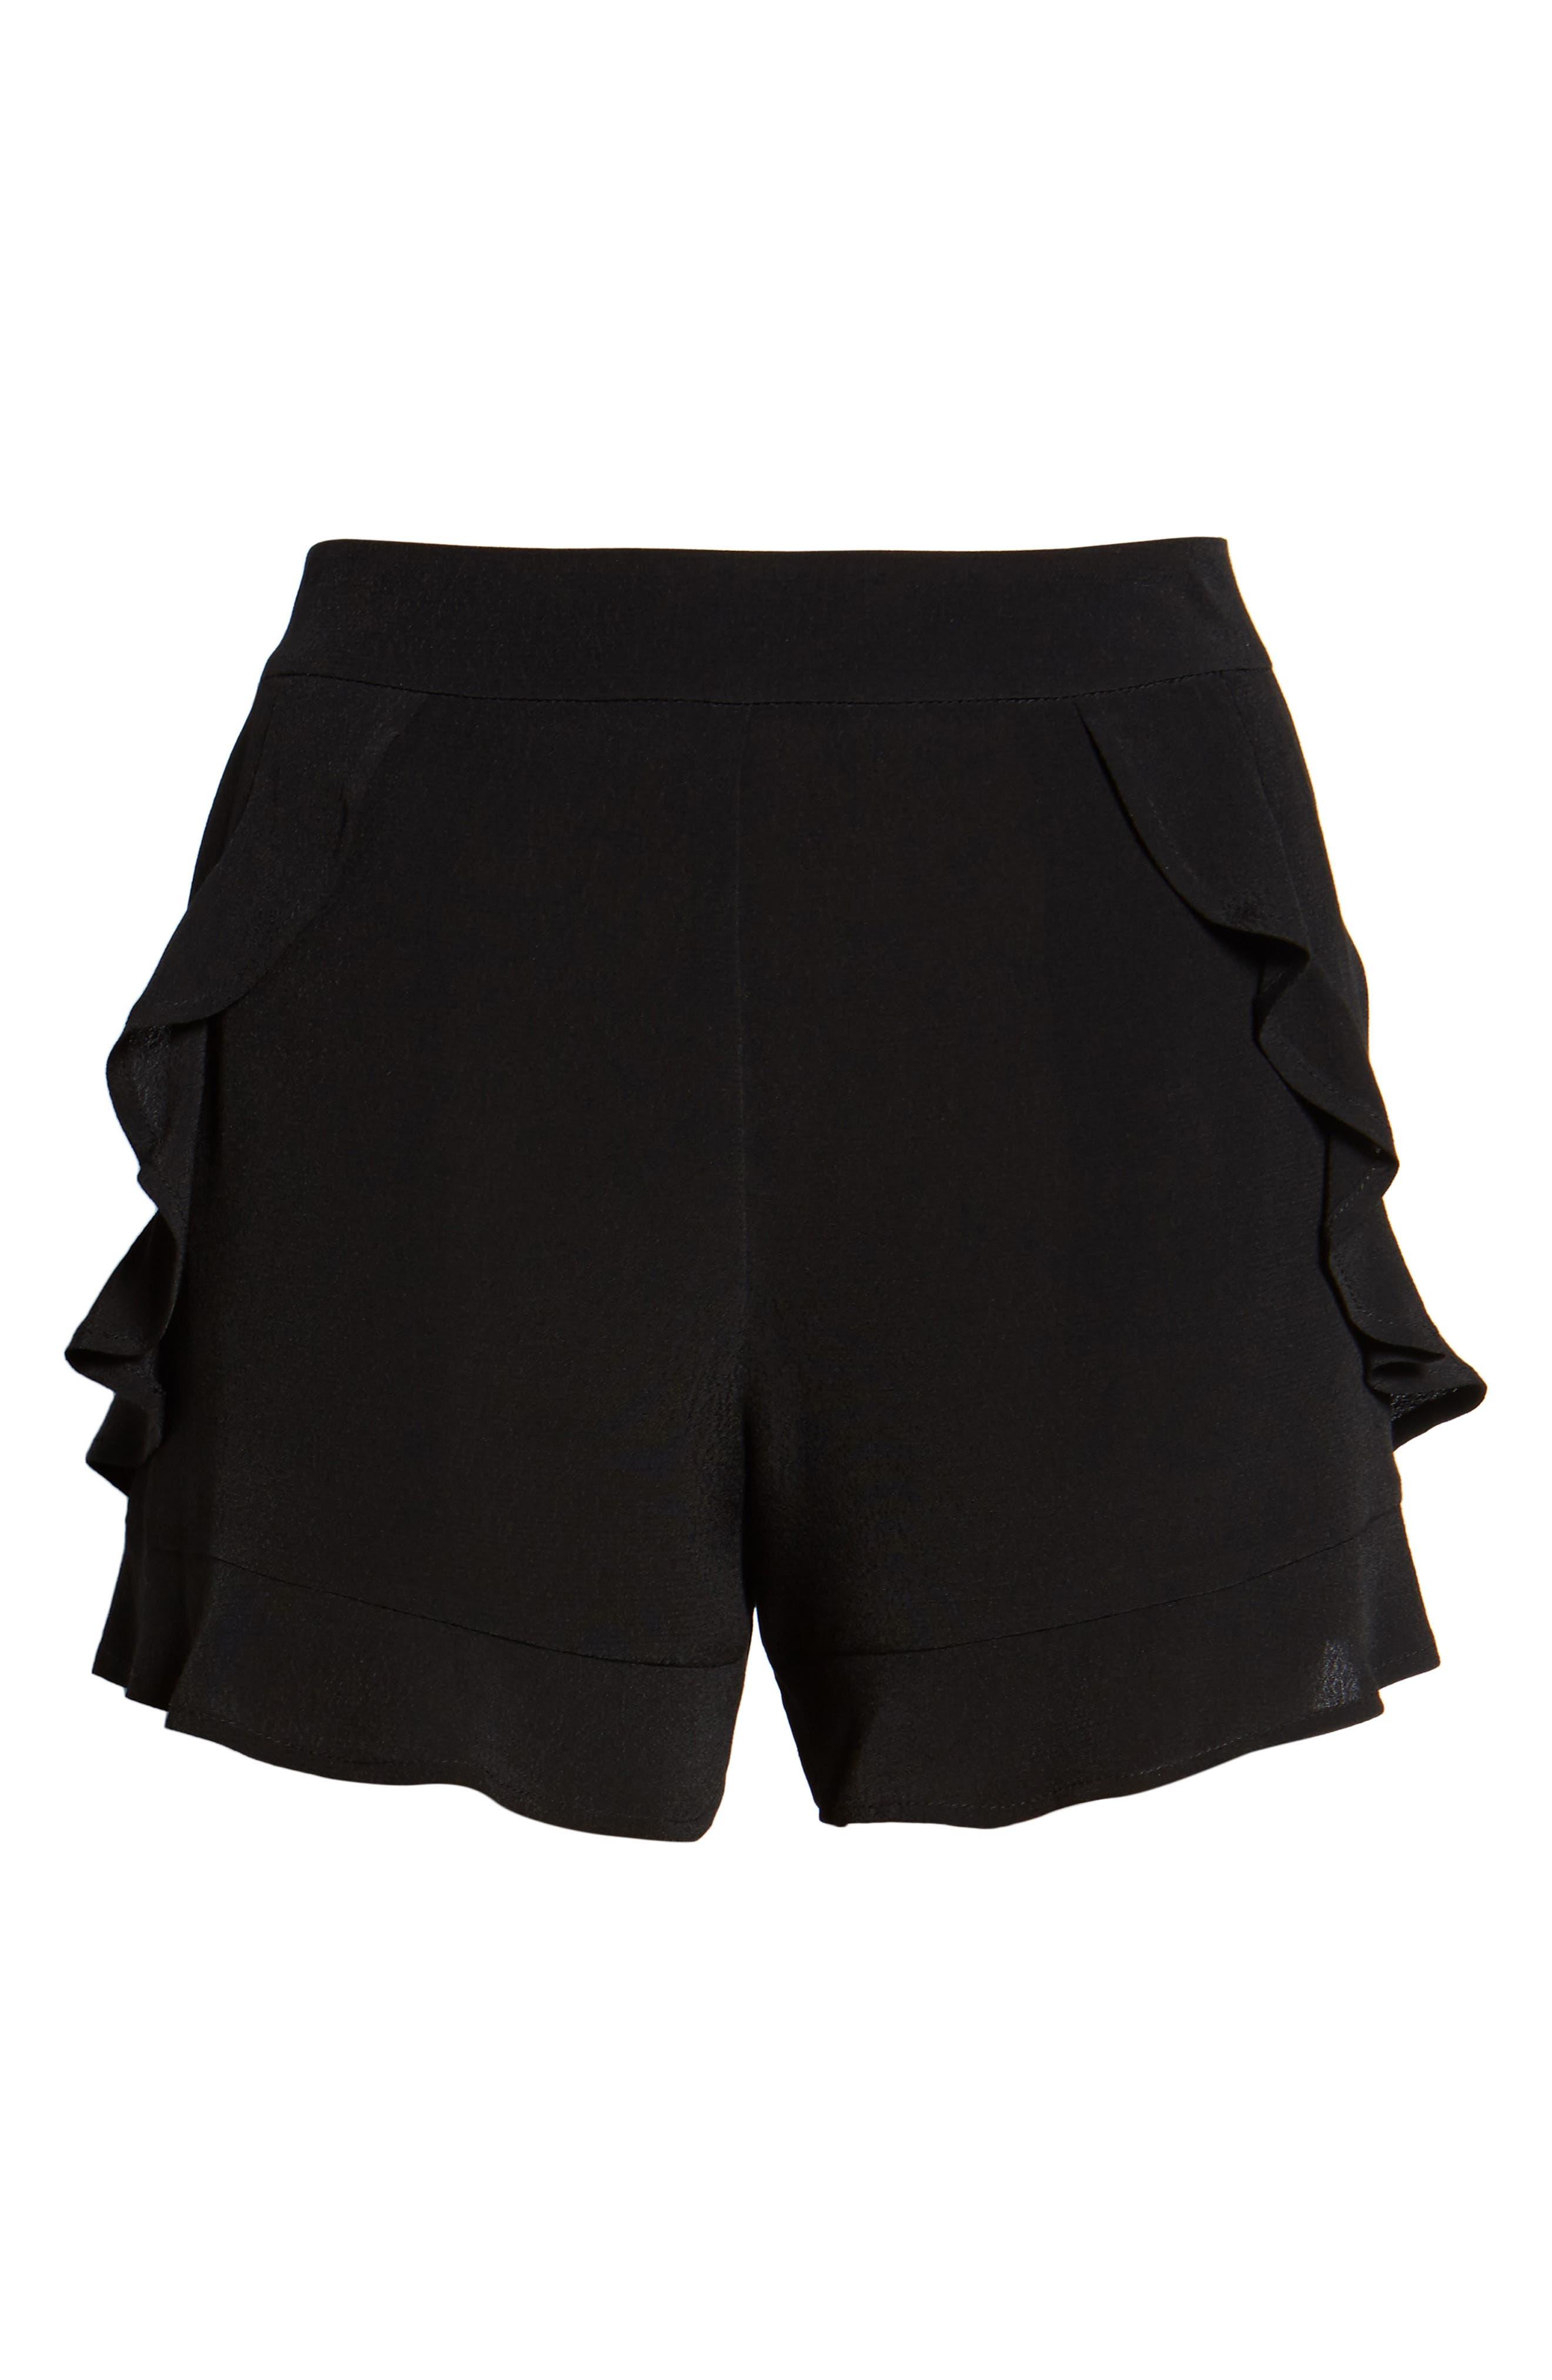 Ruffle Trim Shorts,                             Alternate thumbnail 7, color,                             001